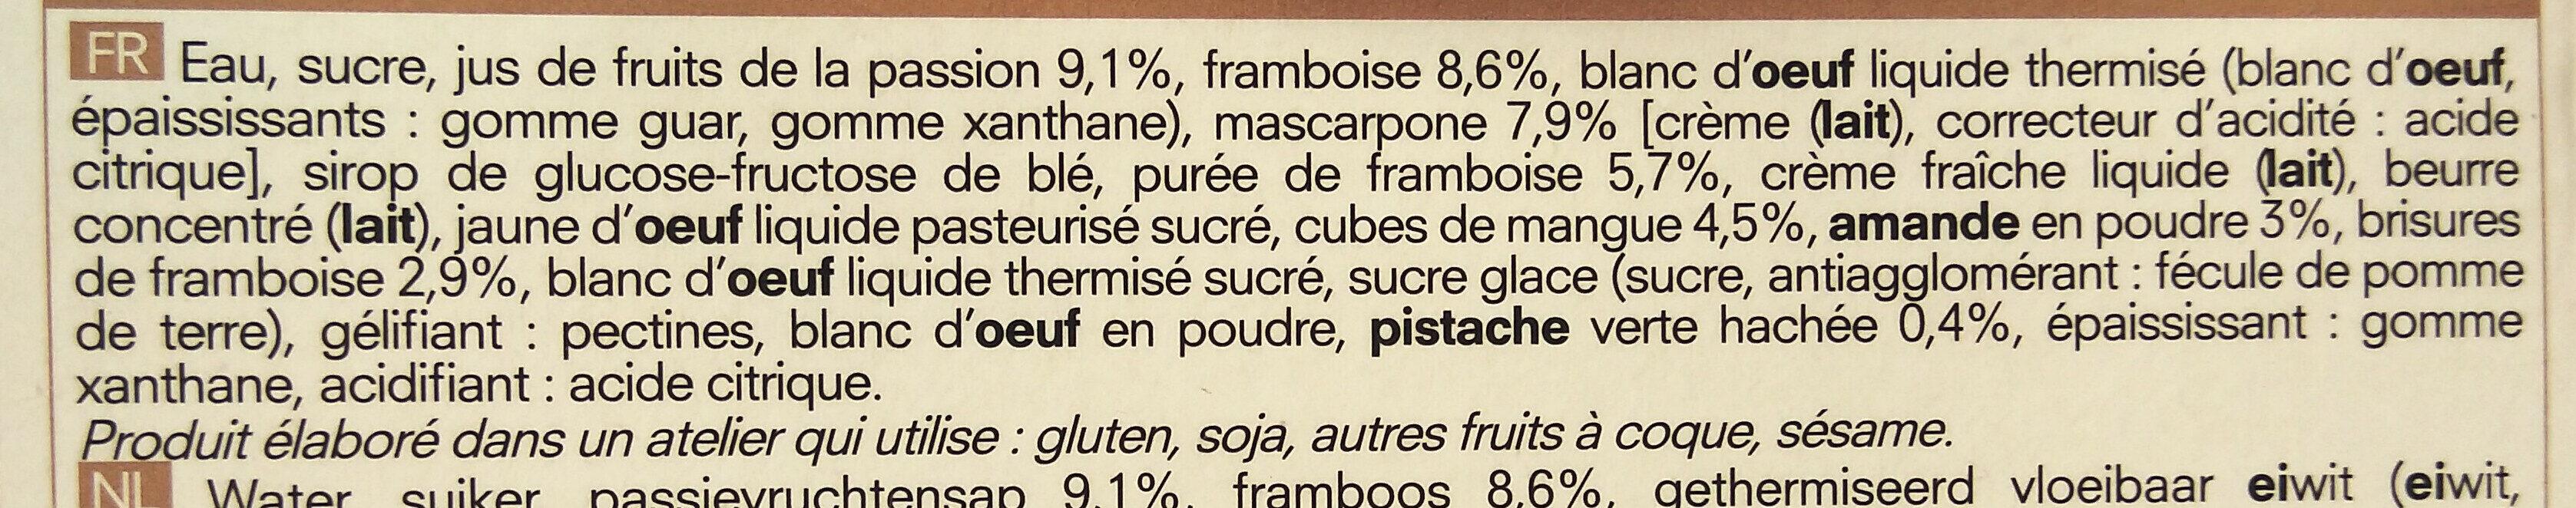 Tiramisu aux fruits - Ingrediënten - fr